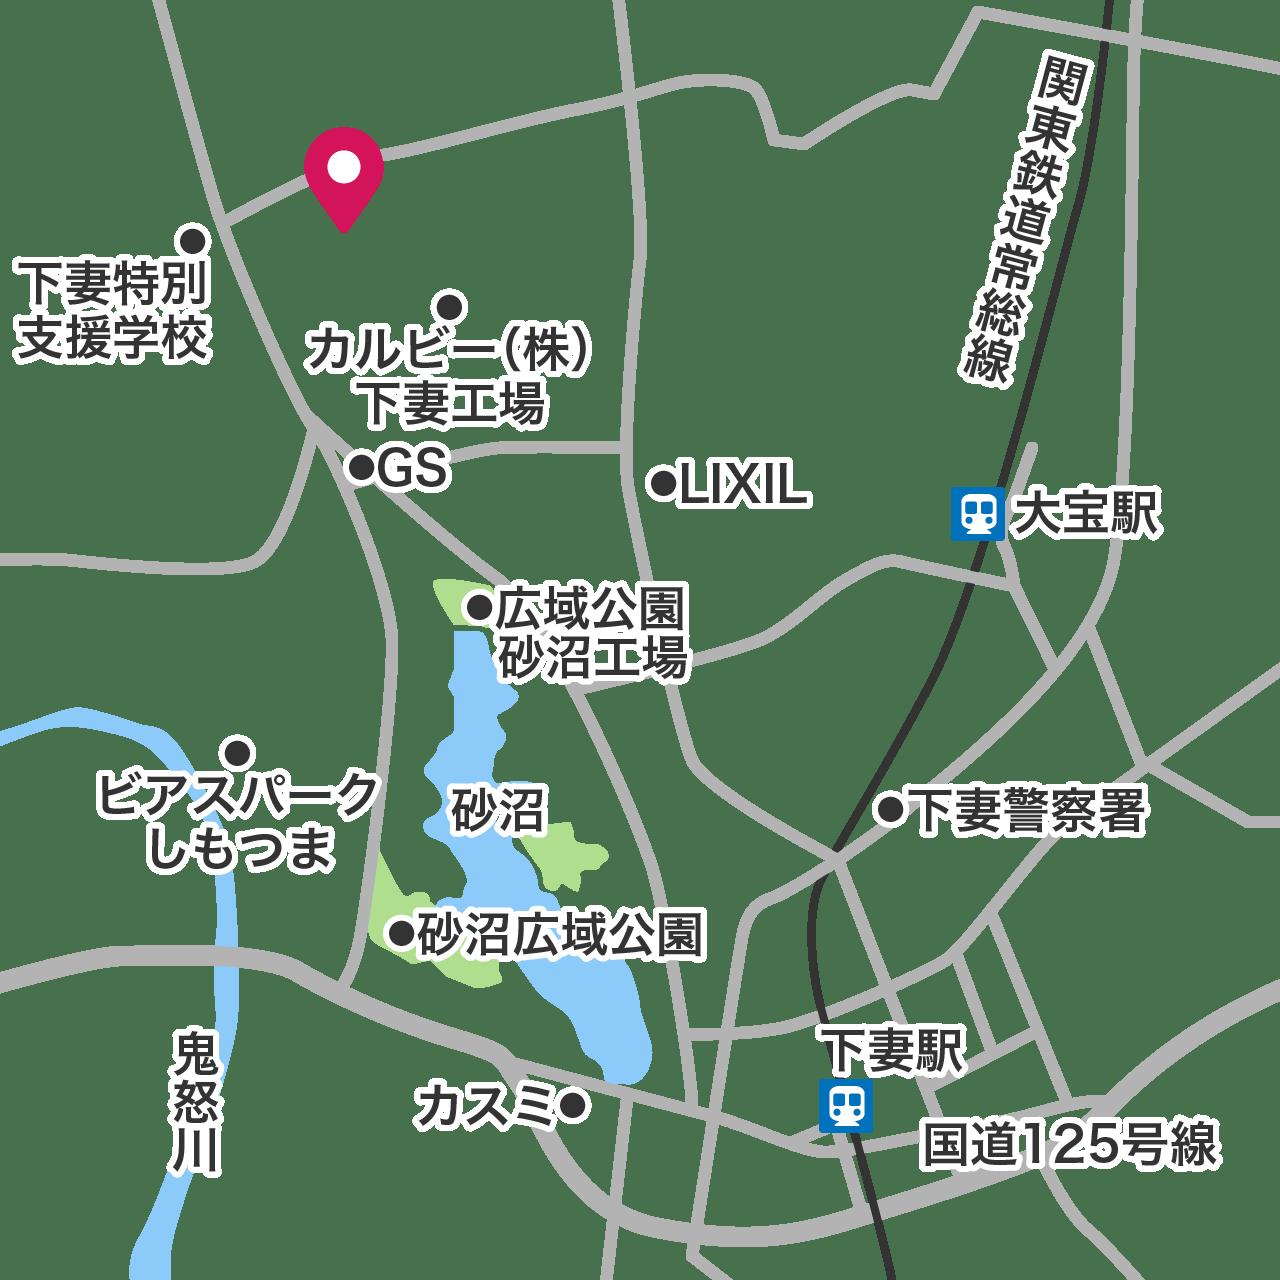 大塚セラミックス株式会社